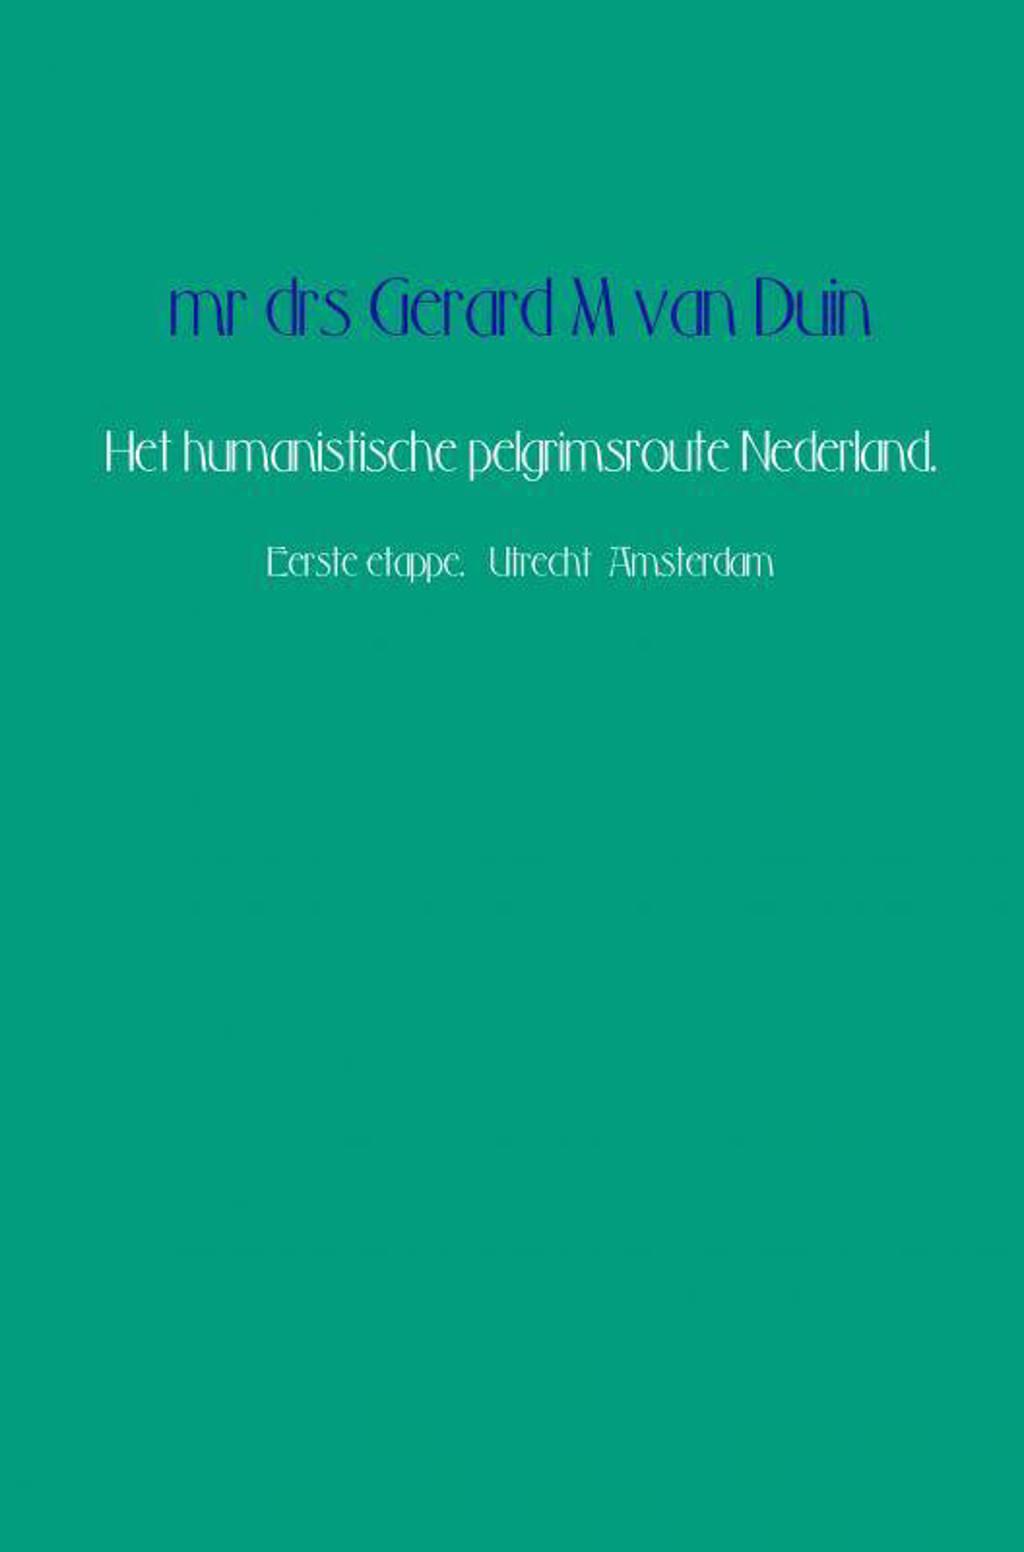 Het humanistische pelgrimsroute Nederland. - Mr Drs Gerard M Van Duin